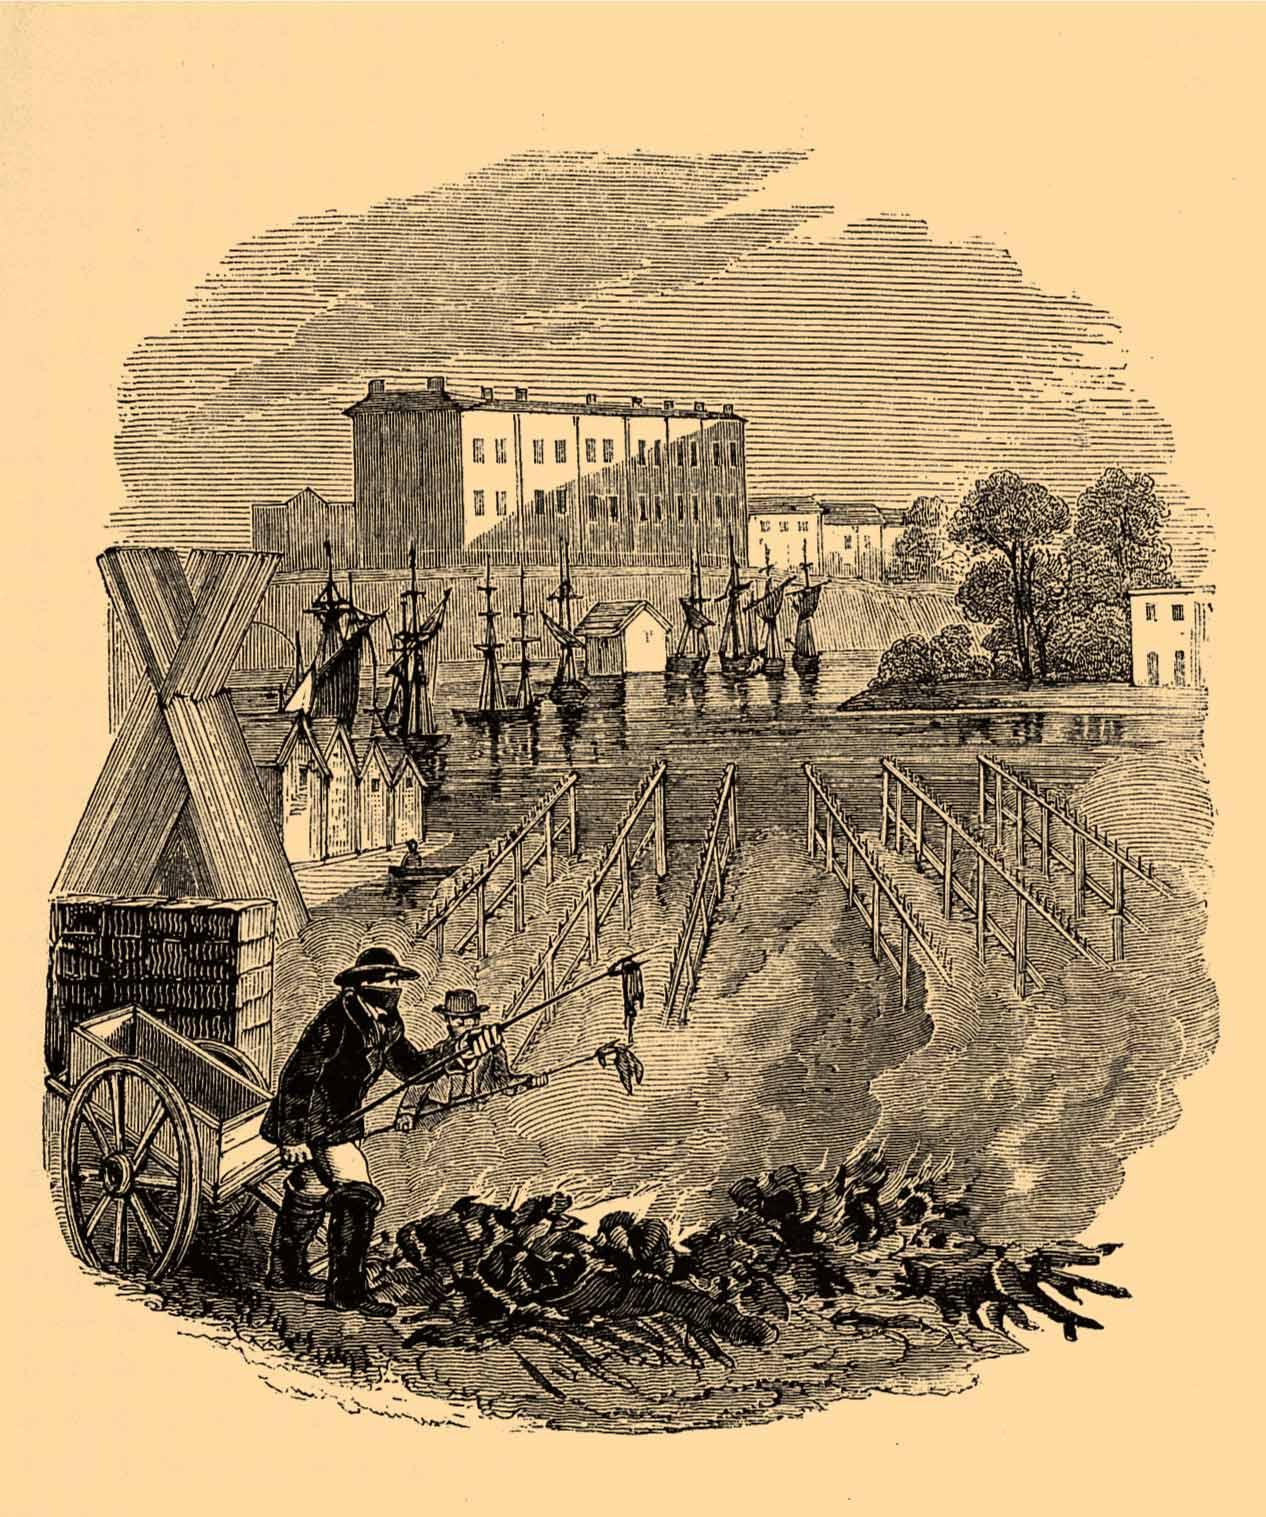 Exeter Inglaterra cólera